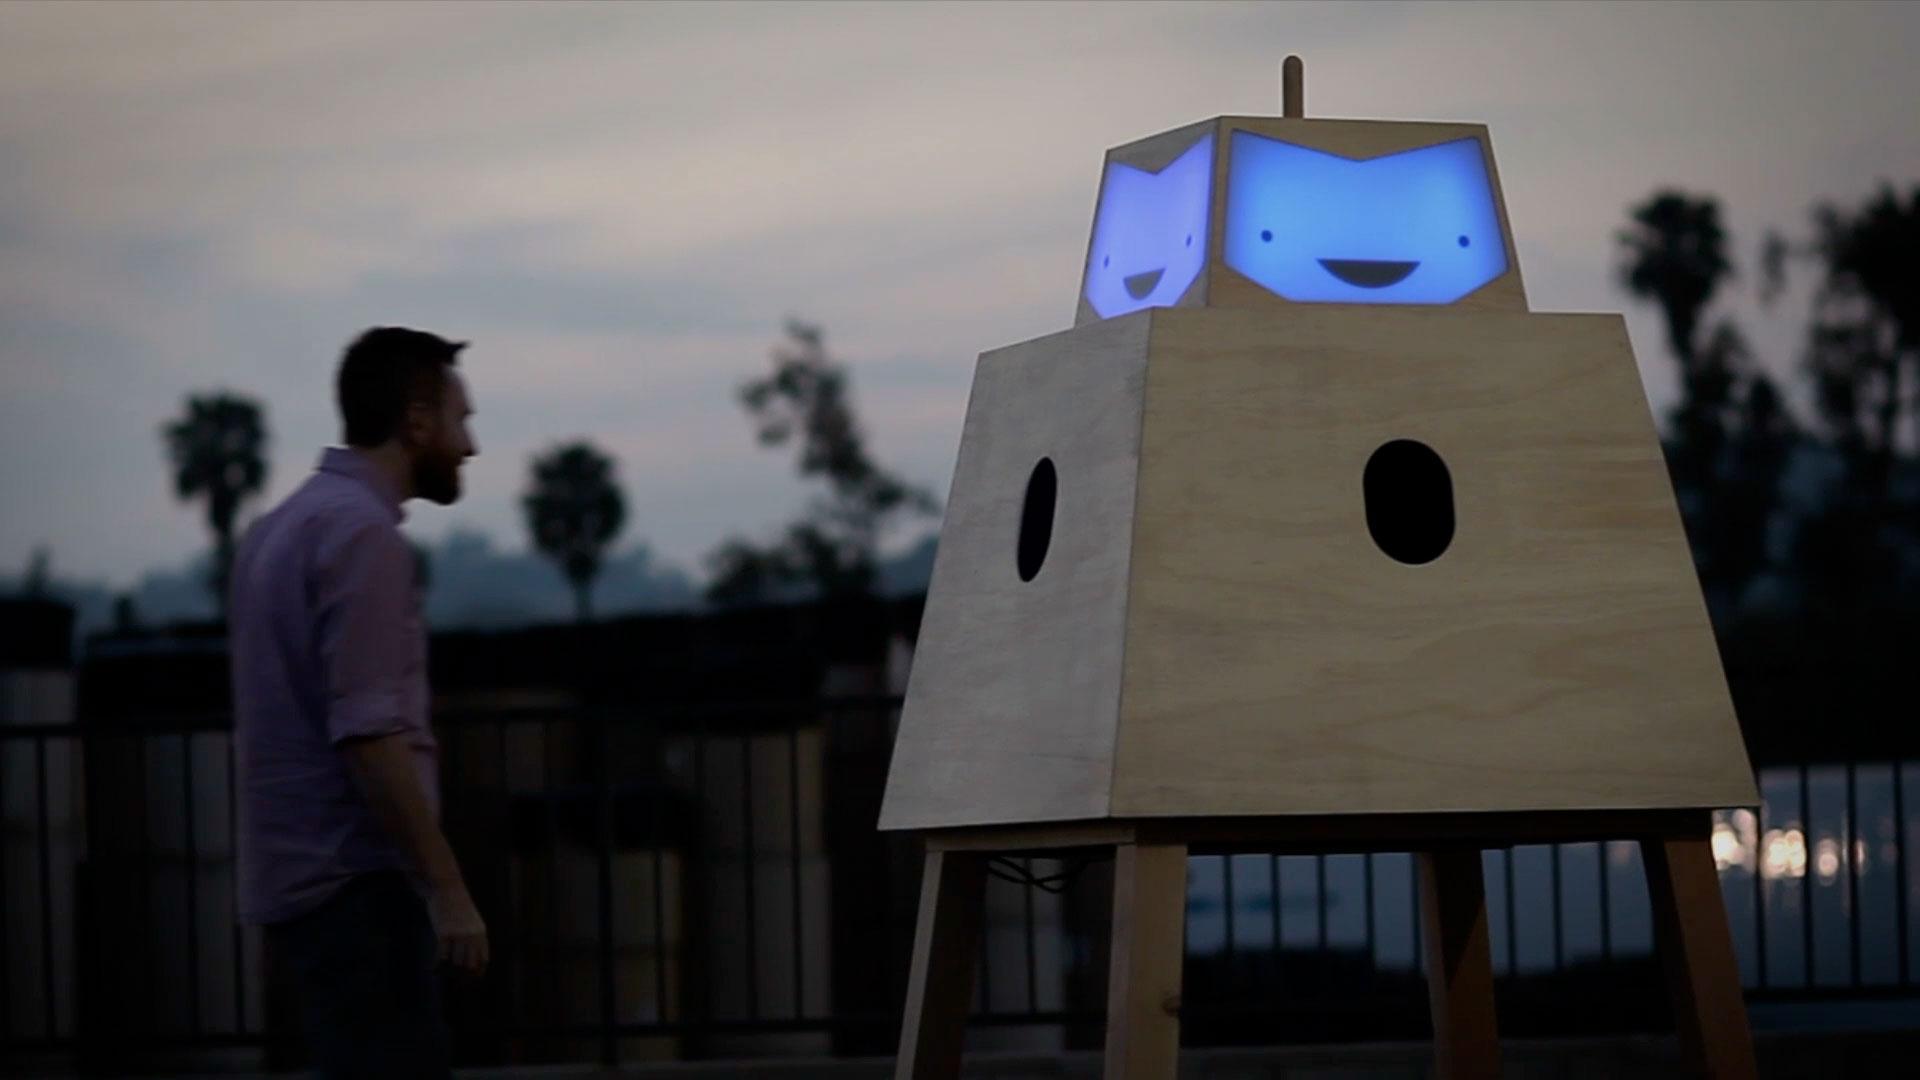 Smilebot_03